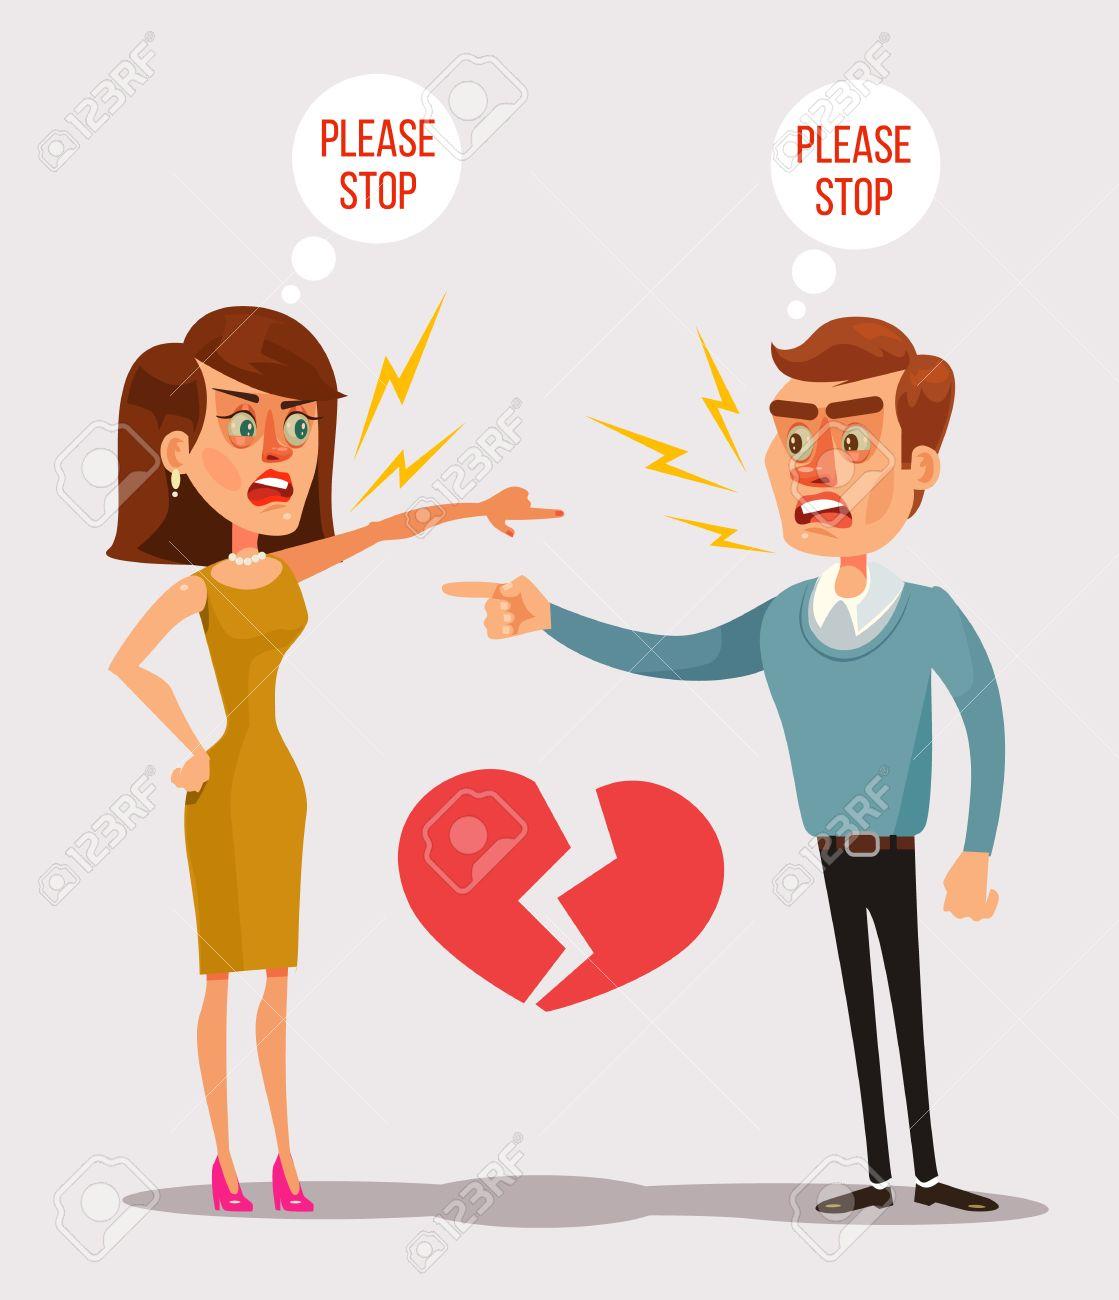 カップルの男と女の文字がけんか。ベクトル フラット漫画イラスト